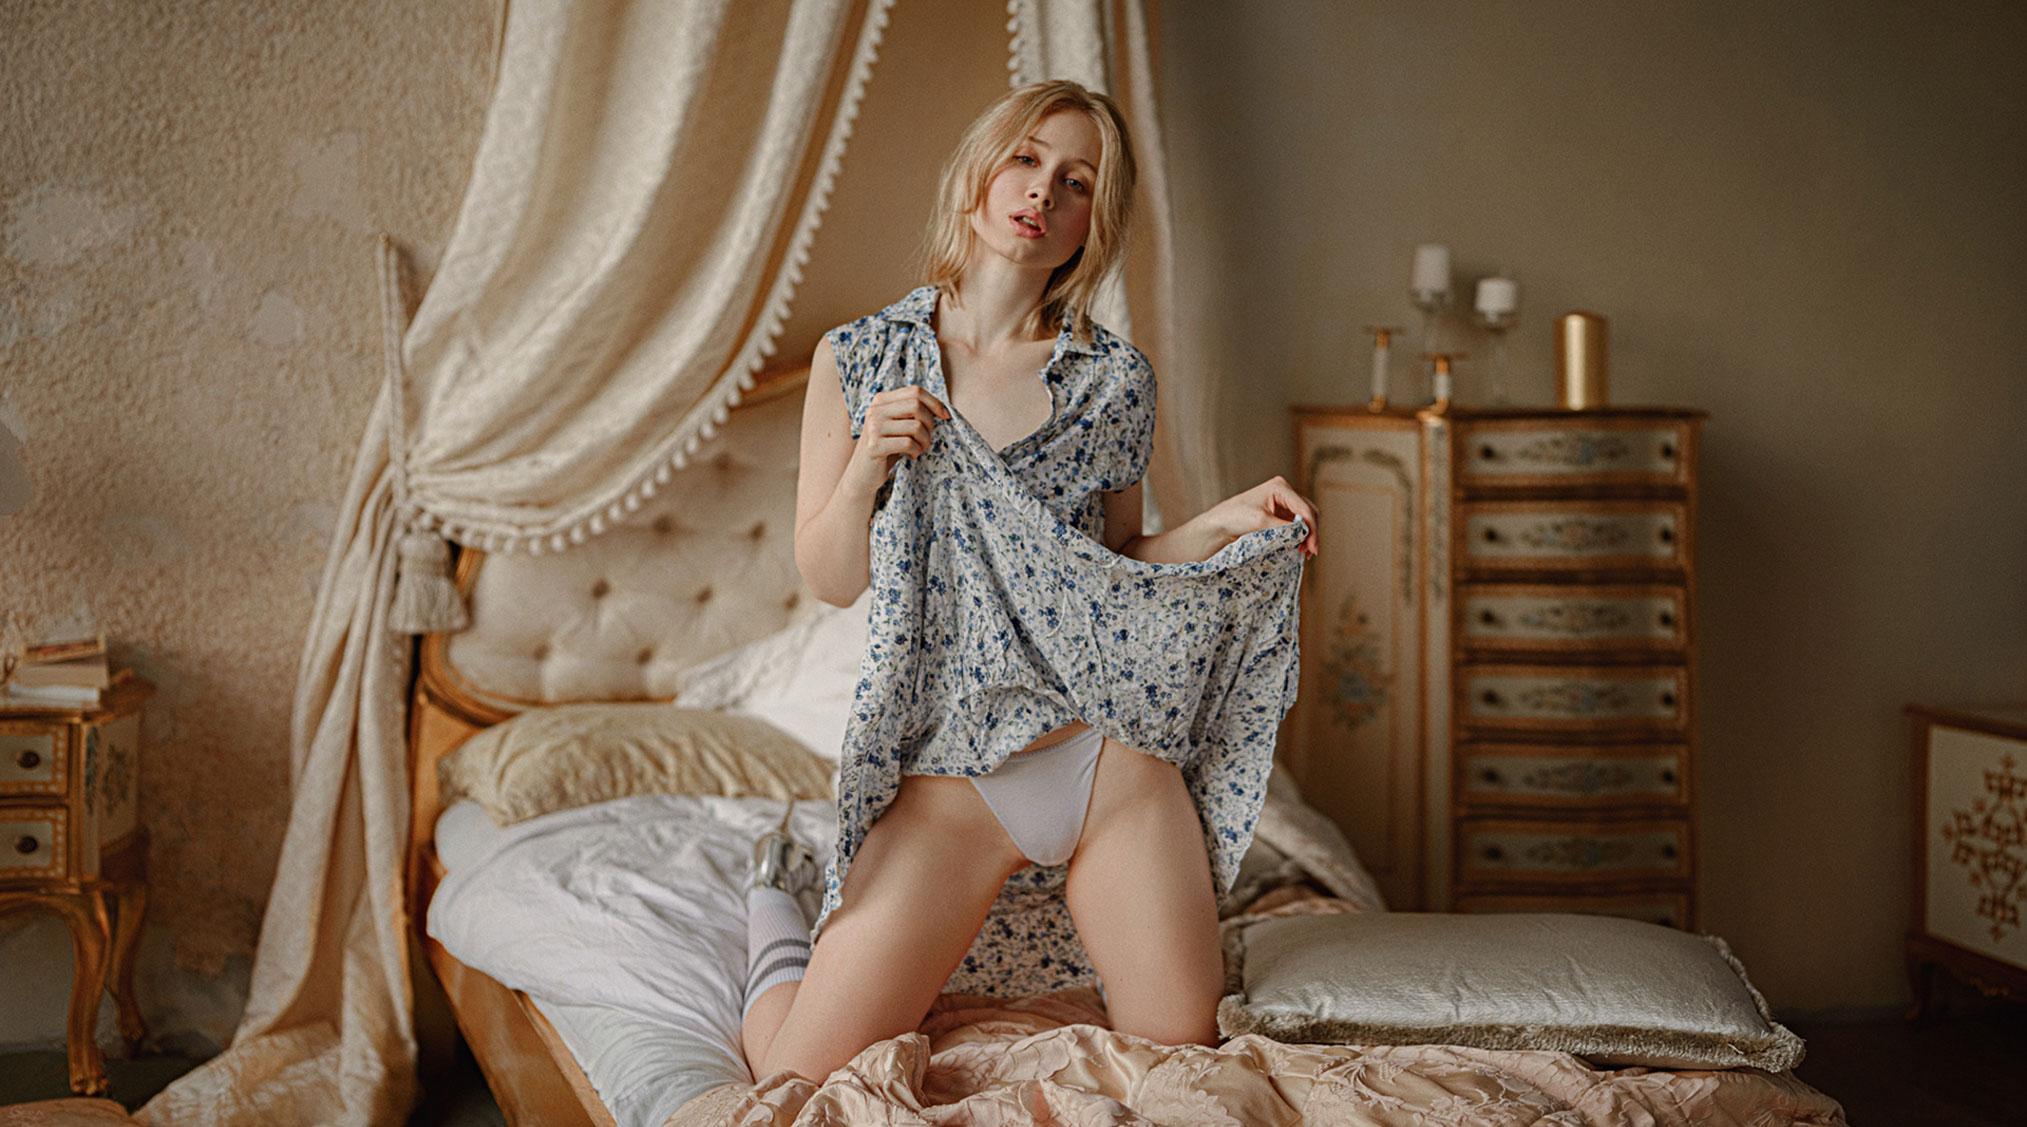 Настя Аспира, фотограф Георгий Чернядьев / фото 08